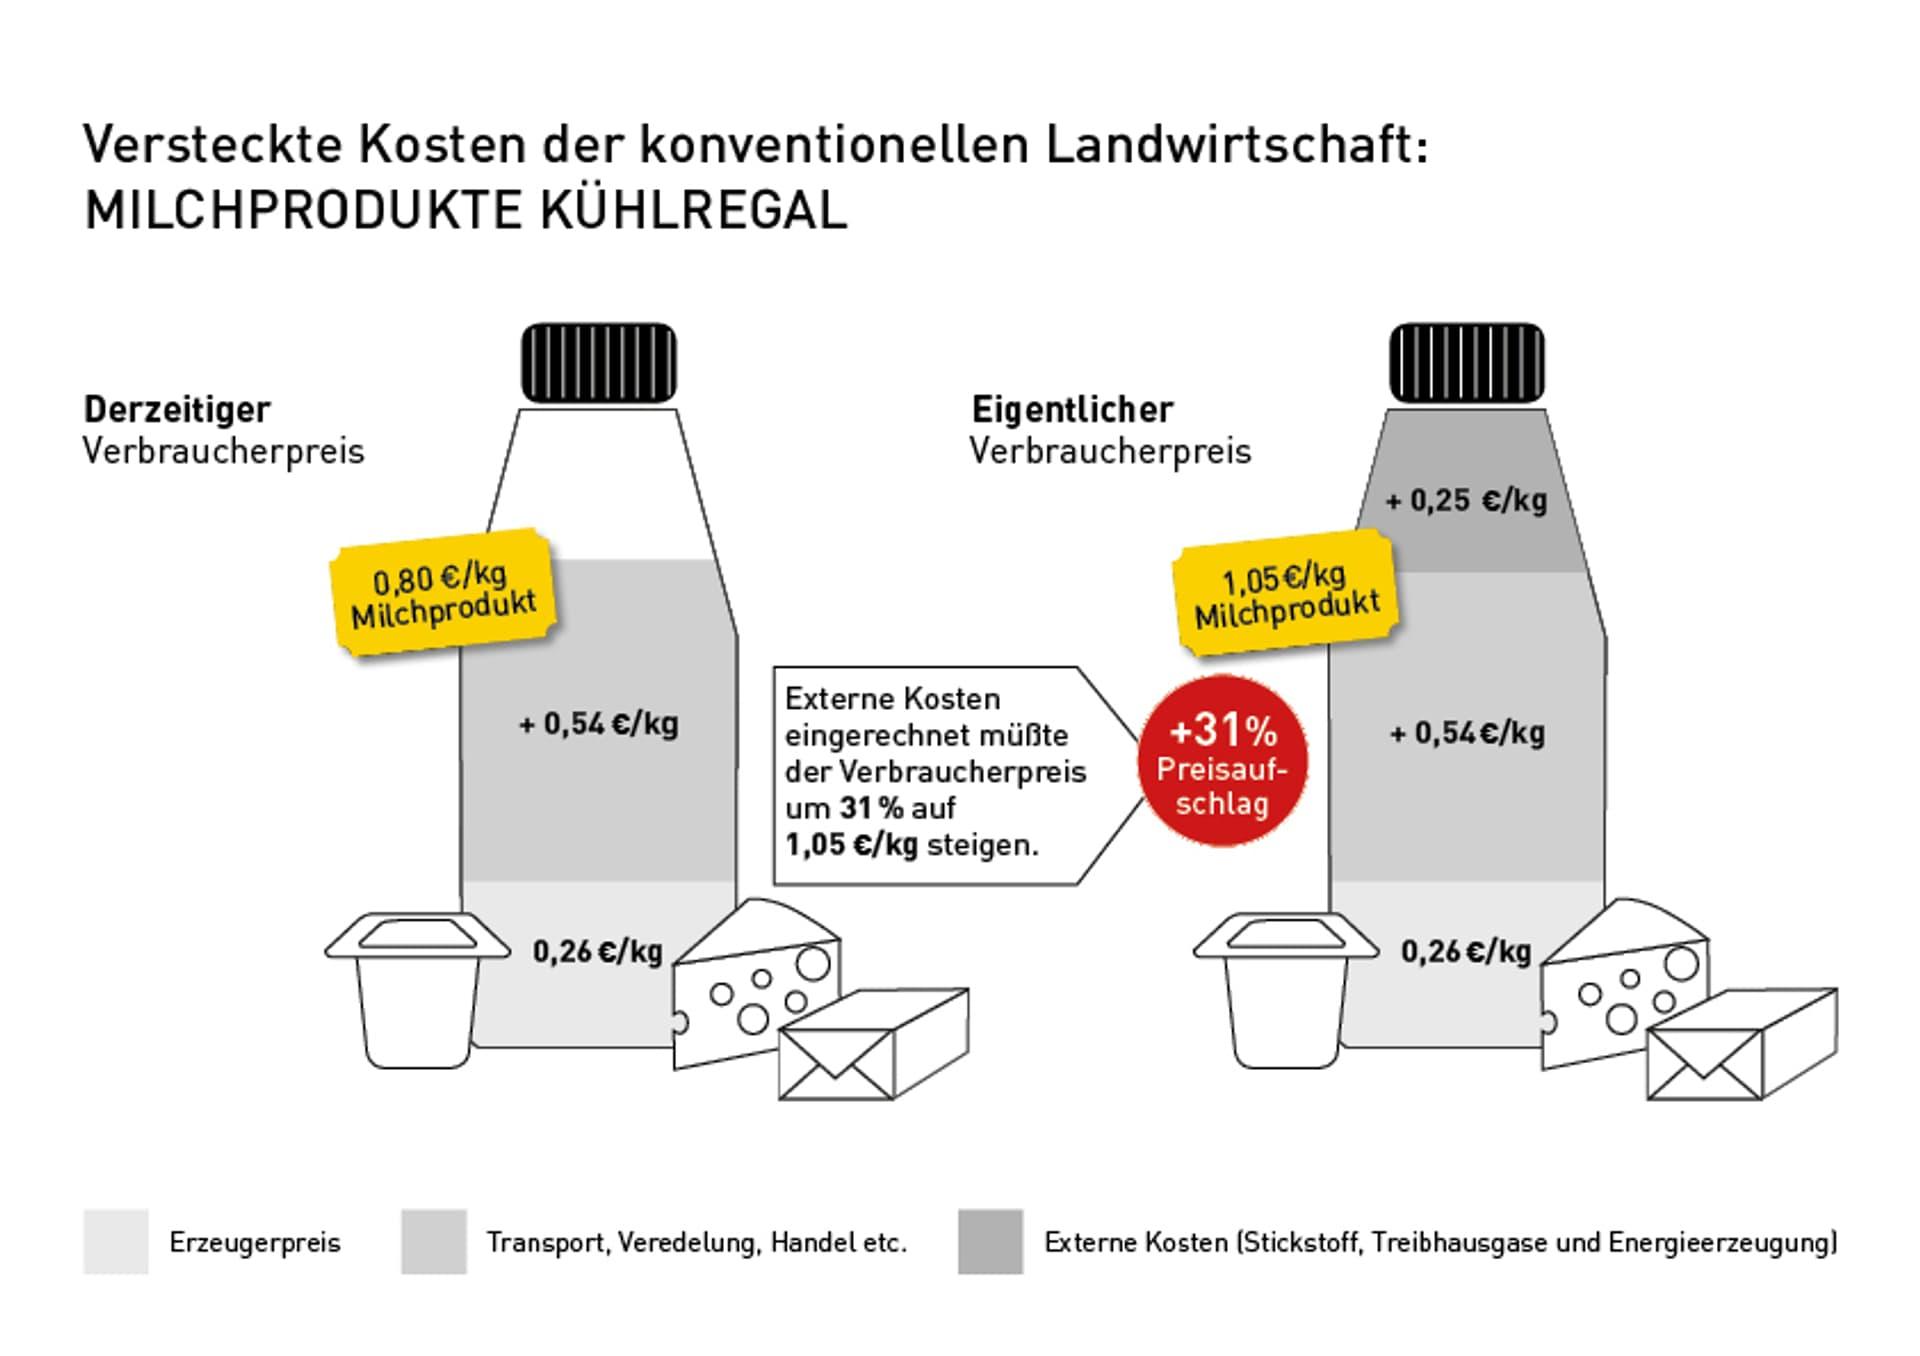 Infografik zu den versteckten Kosten von Milchprodukten aus dem Kühlregal; Vergleich vom derzeit zu niedrigem Verbraucherpreis mit dem eigentlichen, höheren, Verbraucherpreis.